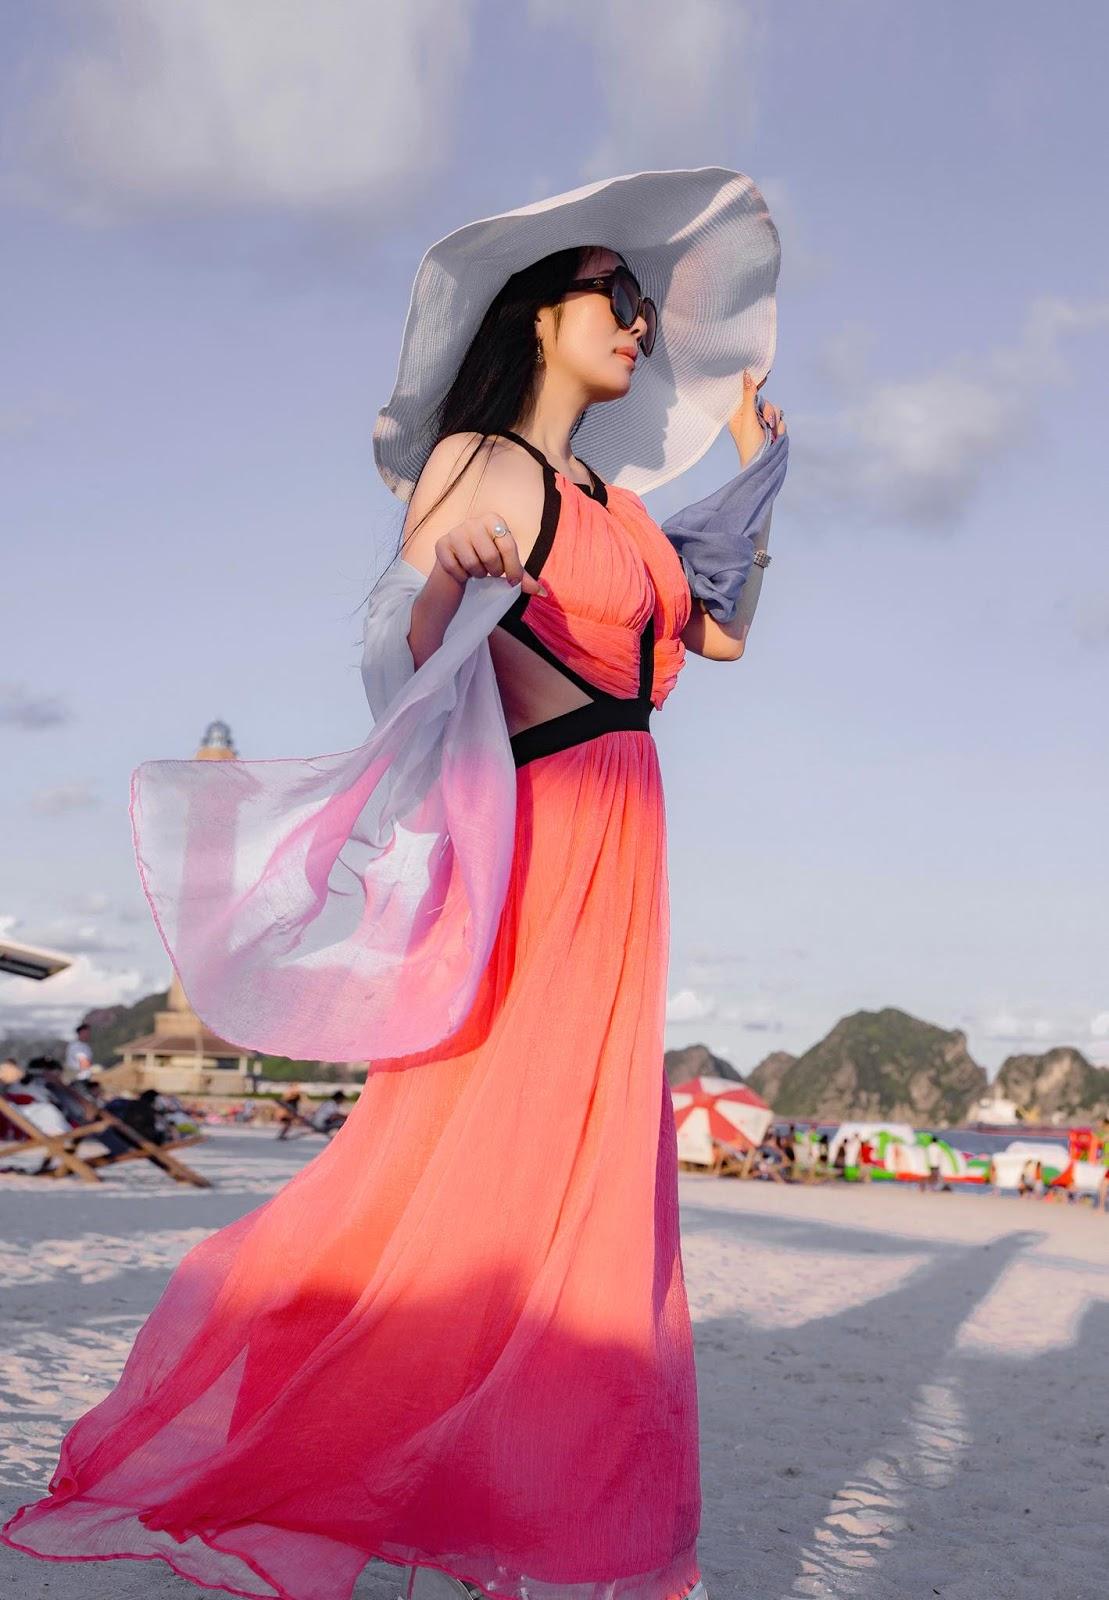 Người đẹp sở hữu vòng eo 58 cm khoe lưng trần gợi cảm trên bờ biển - Hình 5